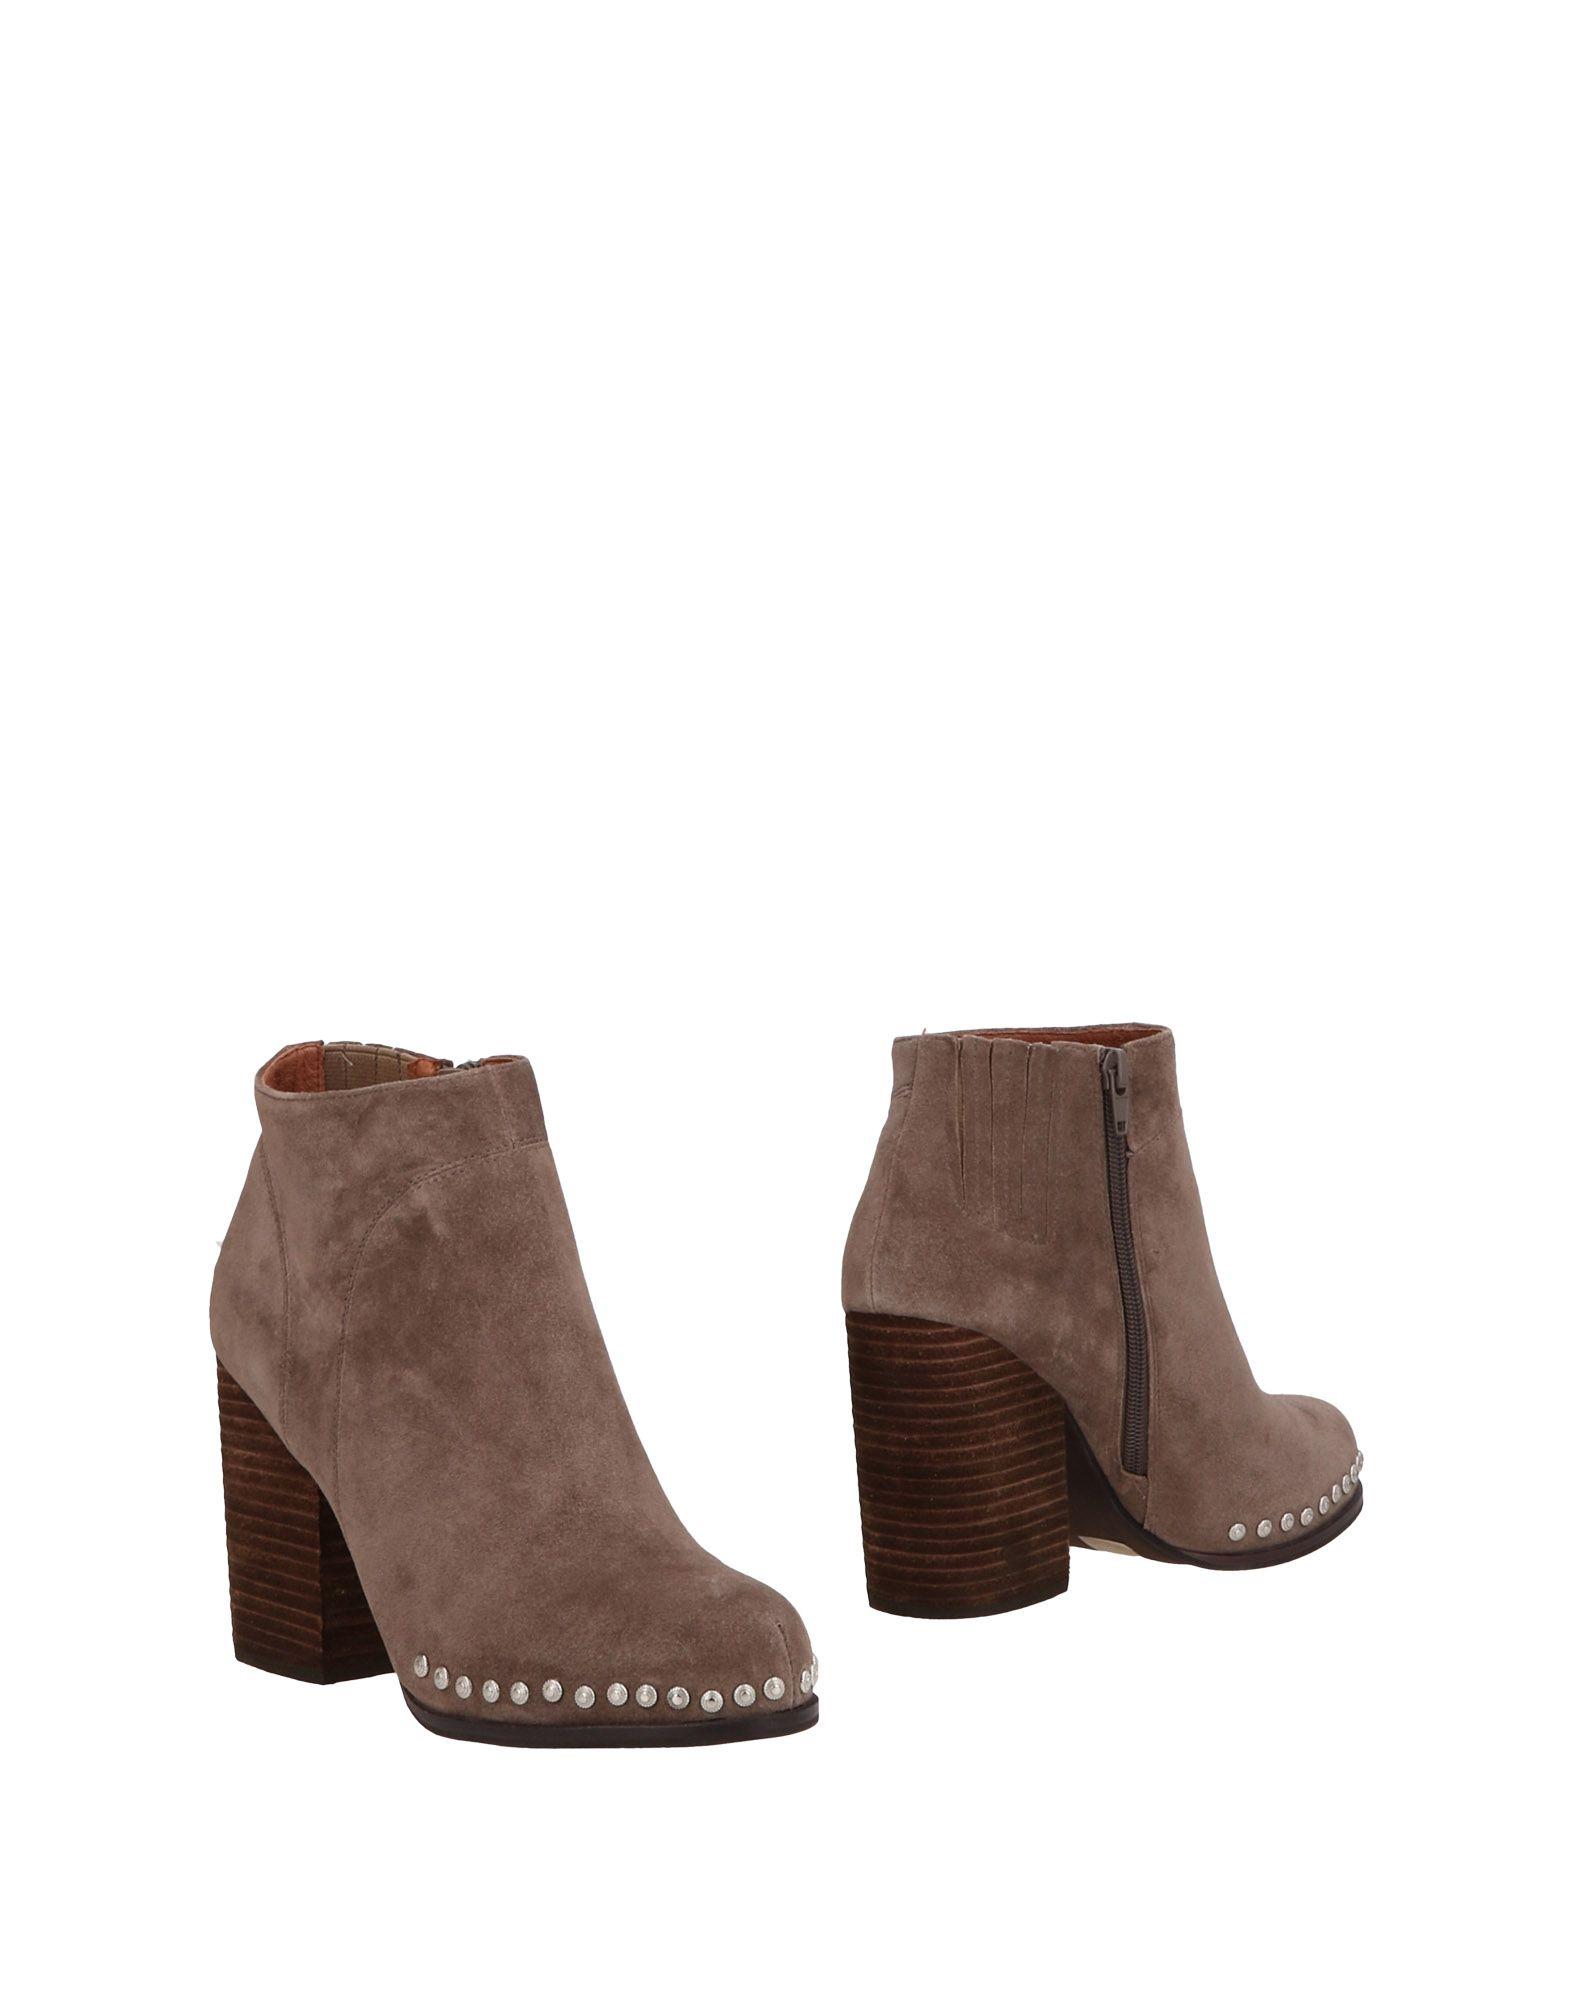 Gut um Stiefelette billige Schuhe zu tragenJeffrey Campbell Stiefelette um Damen  11495297ST 66aa6a